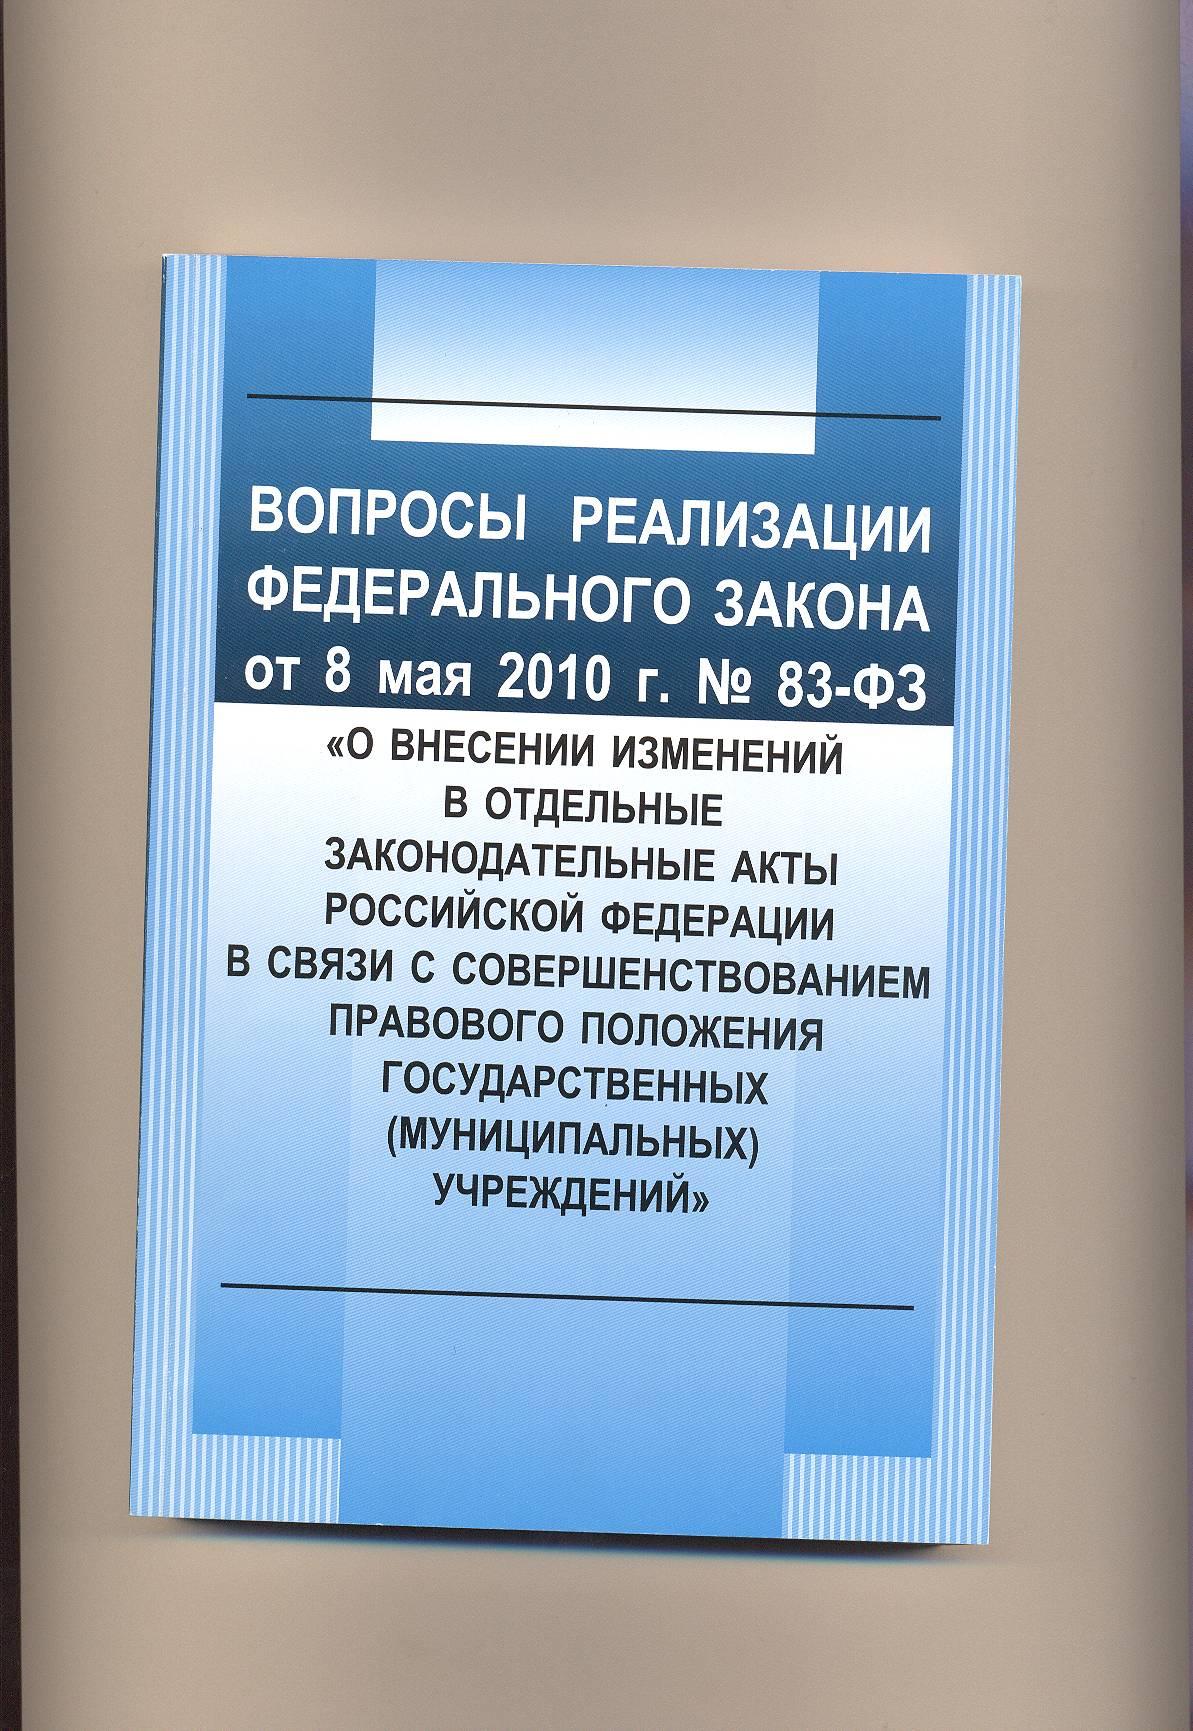 Вопросы реализации Федерального закона от 8 мая 2010 г. № 83-ФЗ в 2011 году